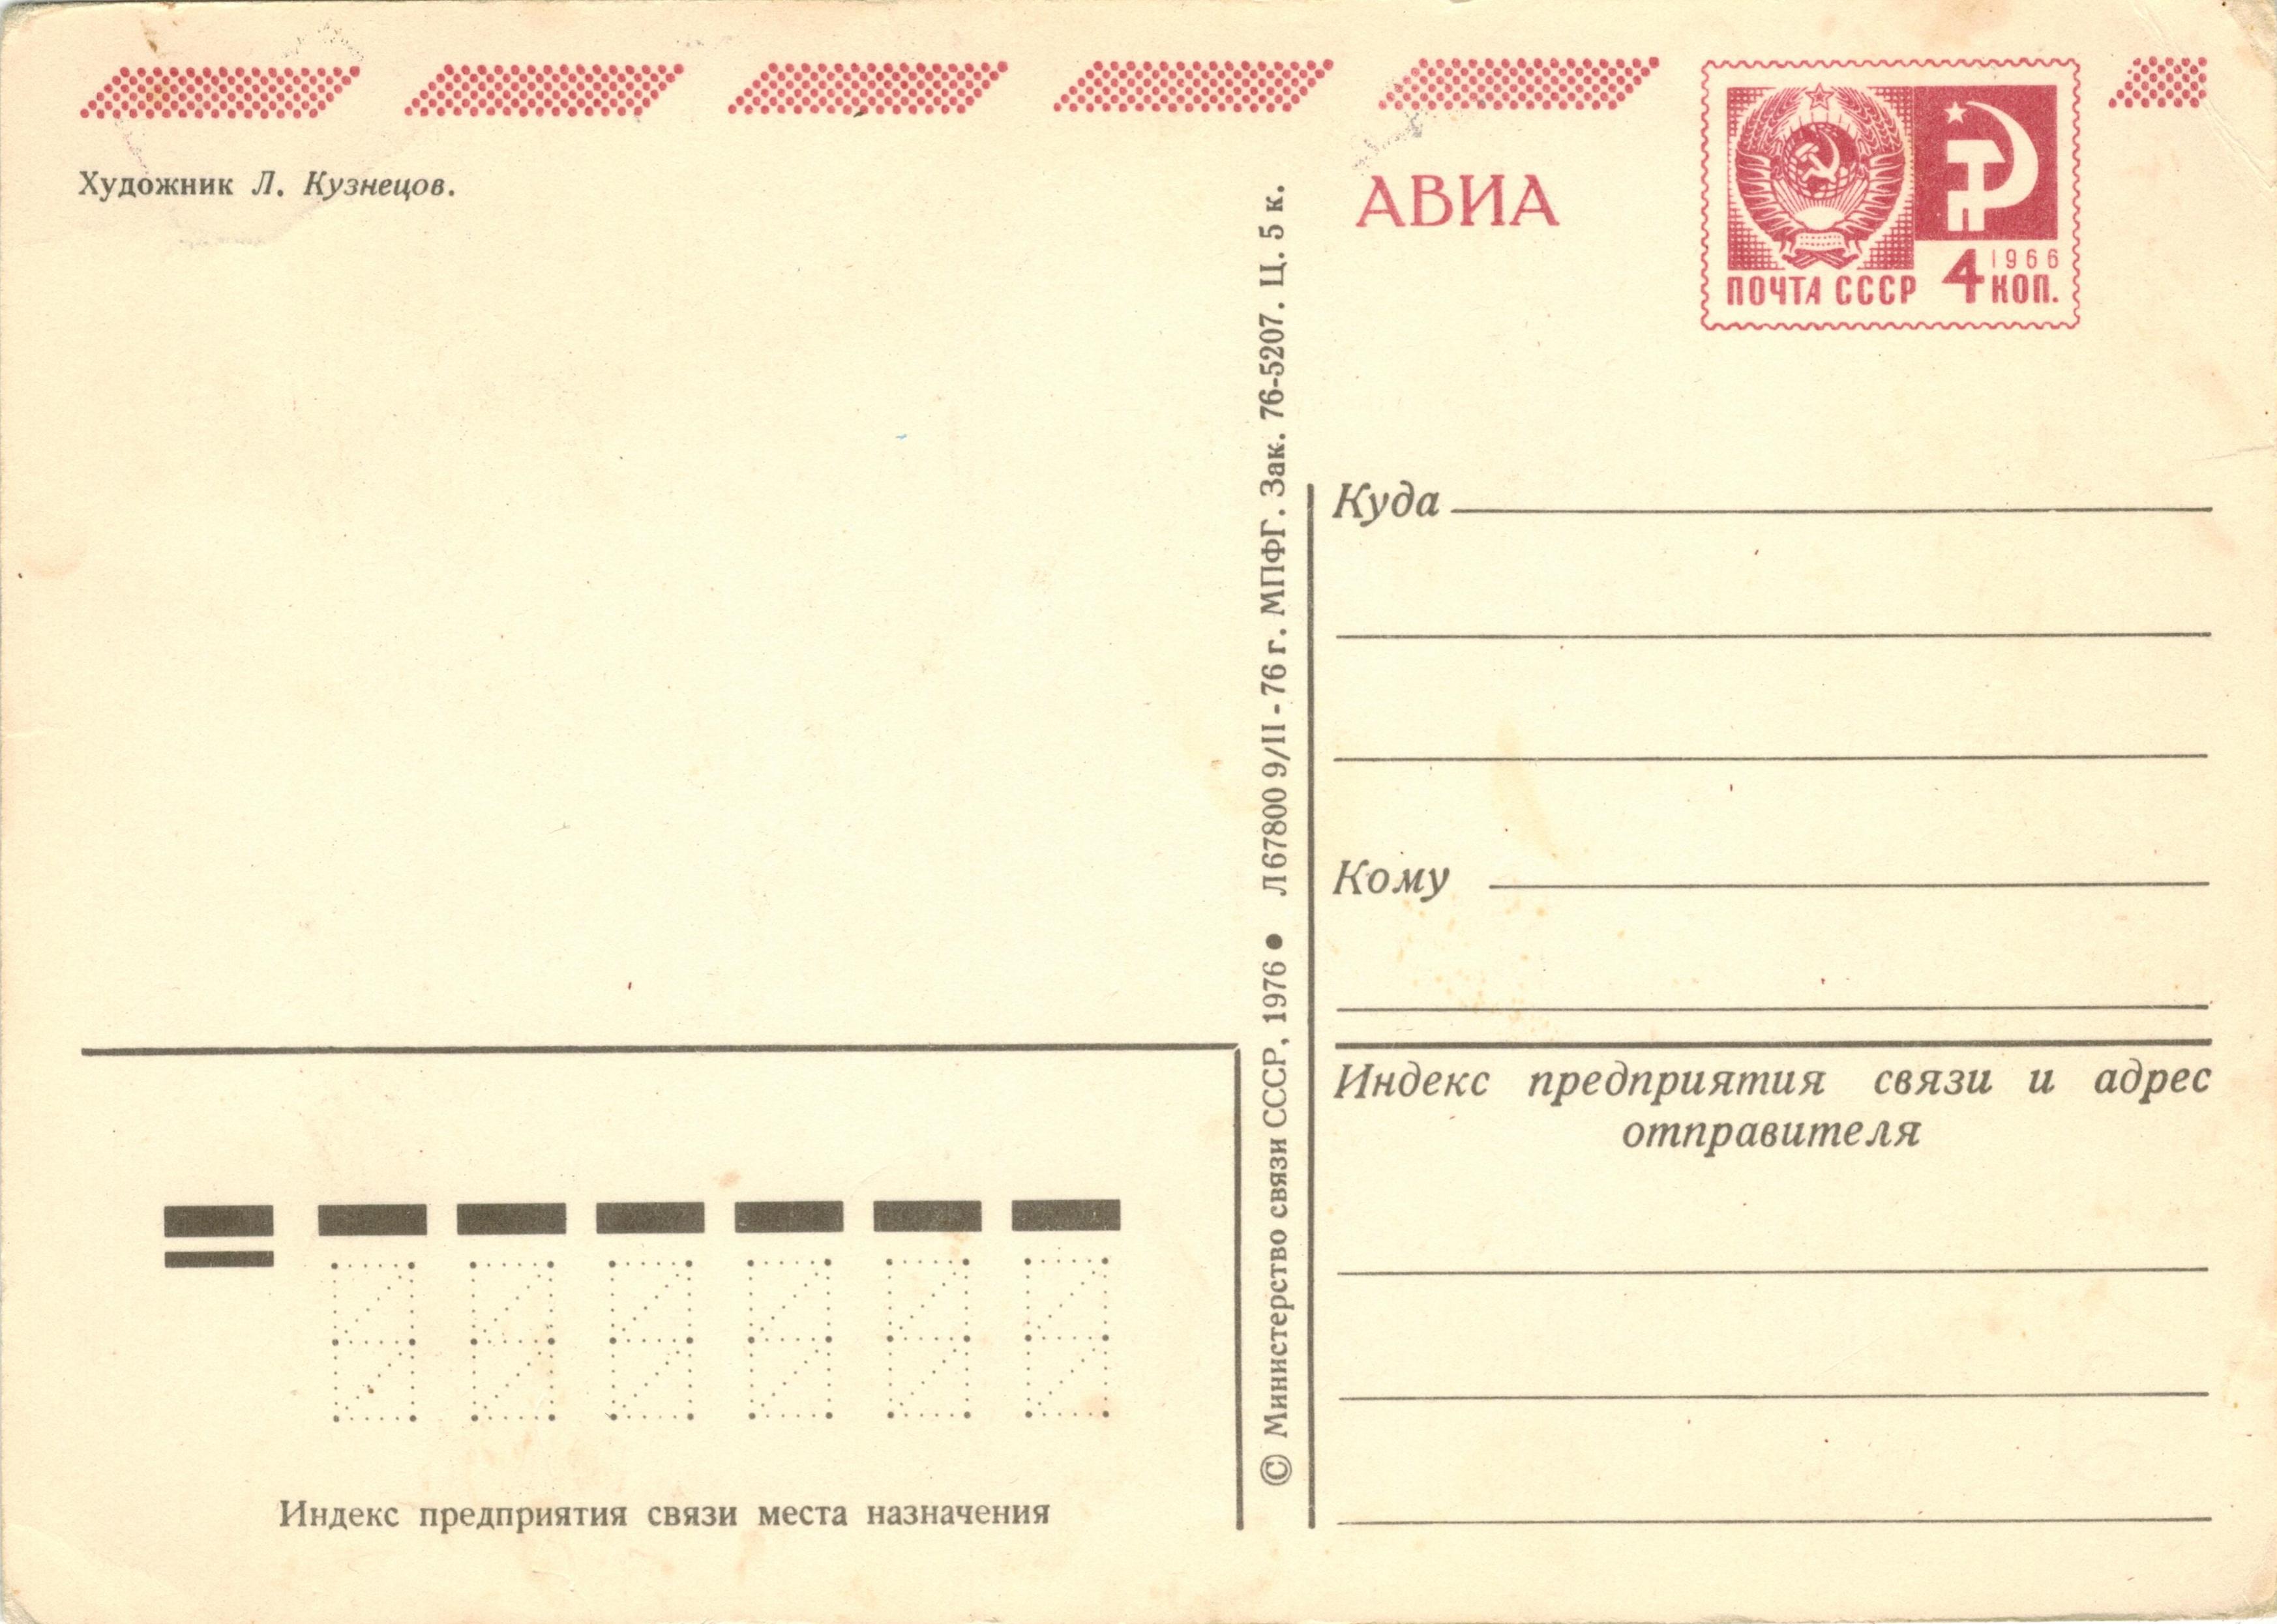 обычной статьи почтовая открытка меховых изделий